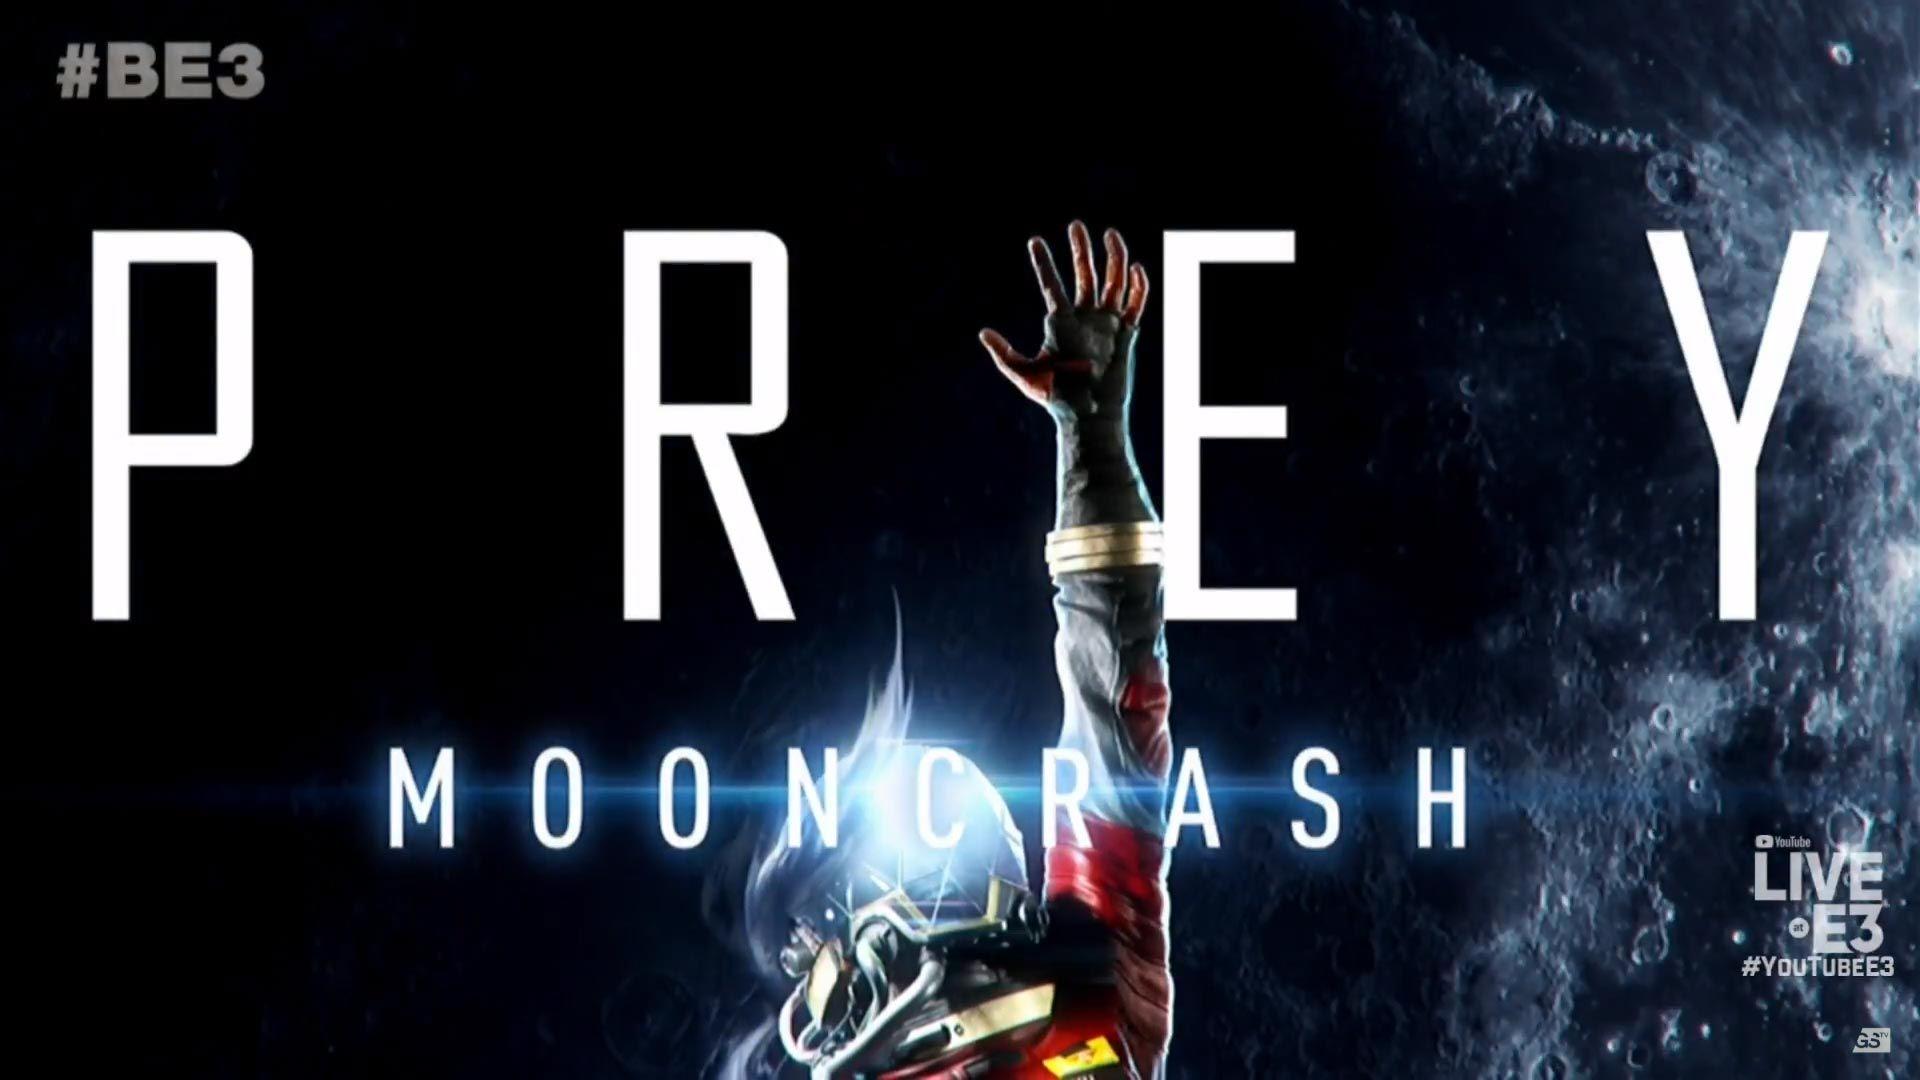 E3 2018 Bethesda - Prey Mooncrash